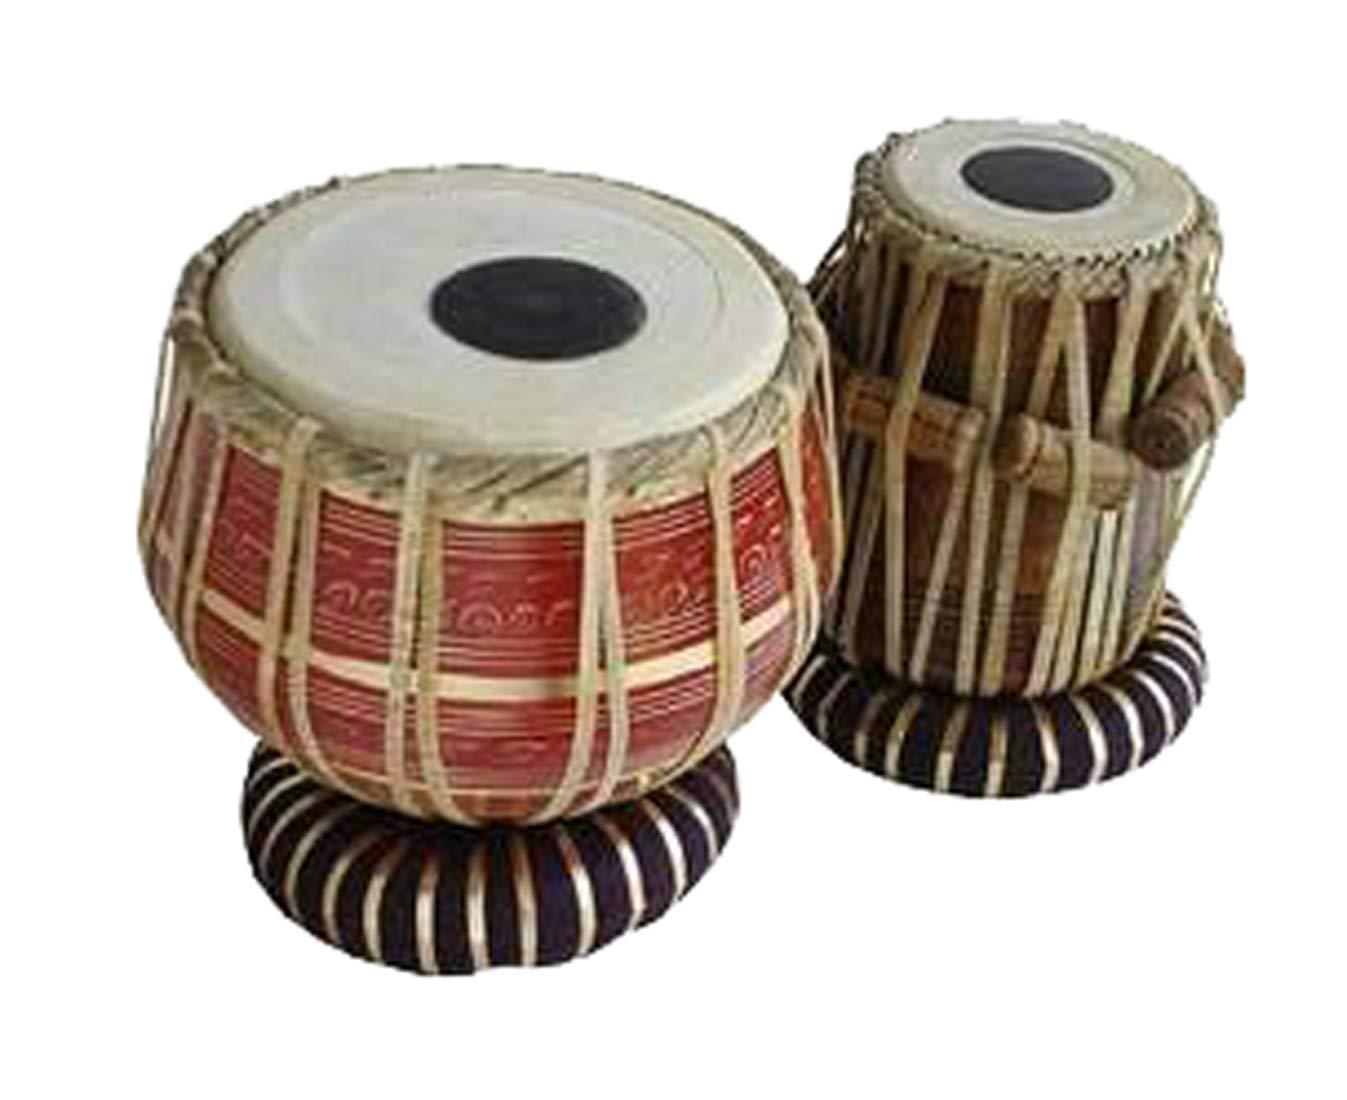 【数量限定】 Makan Red Printed Set Brass Bayan, & Blemished Finest Dayan Tabla Cushion Set Percussion Musical Instrument with Carry Bag & Cushion B07QDRBBT5, 仕事着広場:397f1aac --- a0267596.xsph.ru